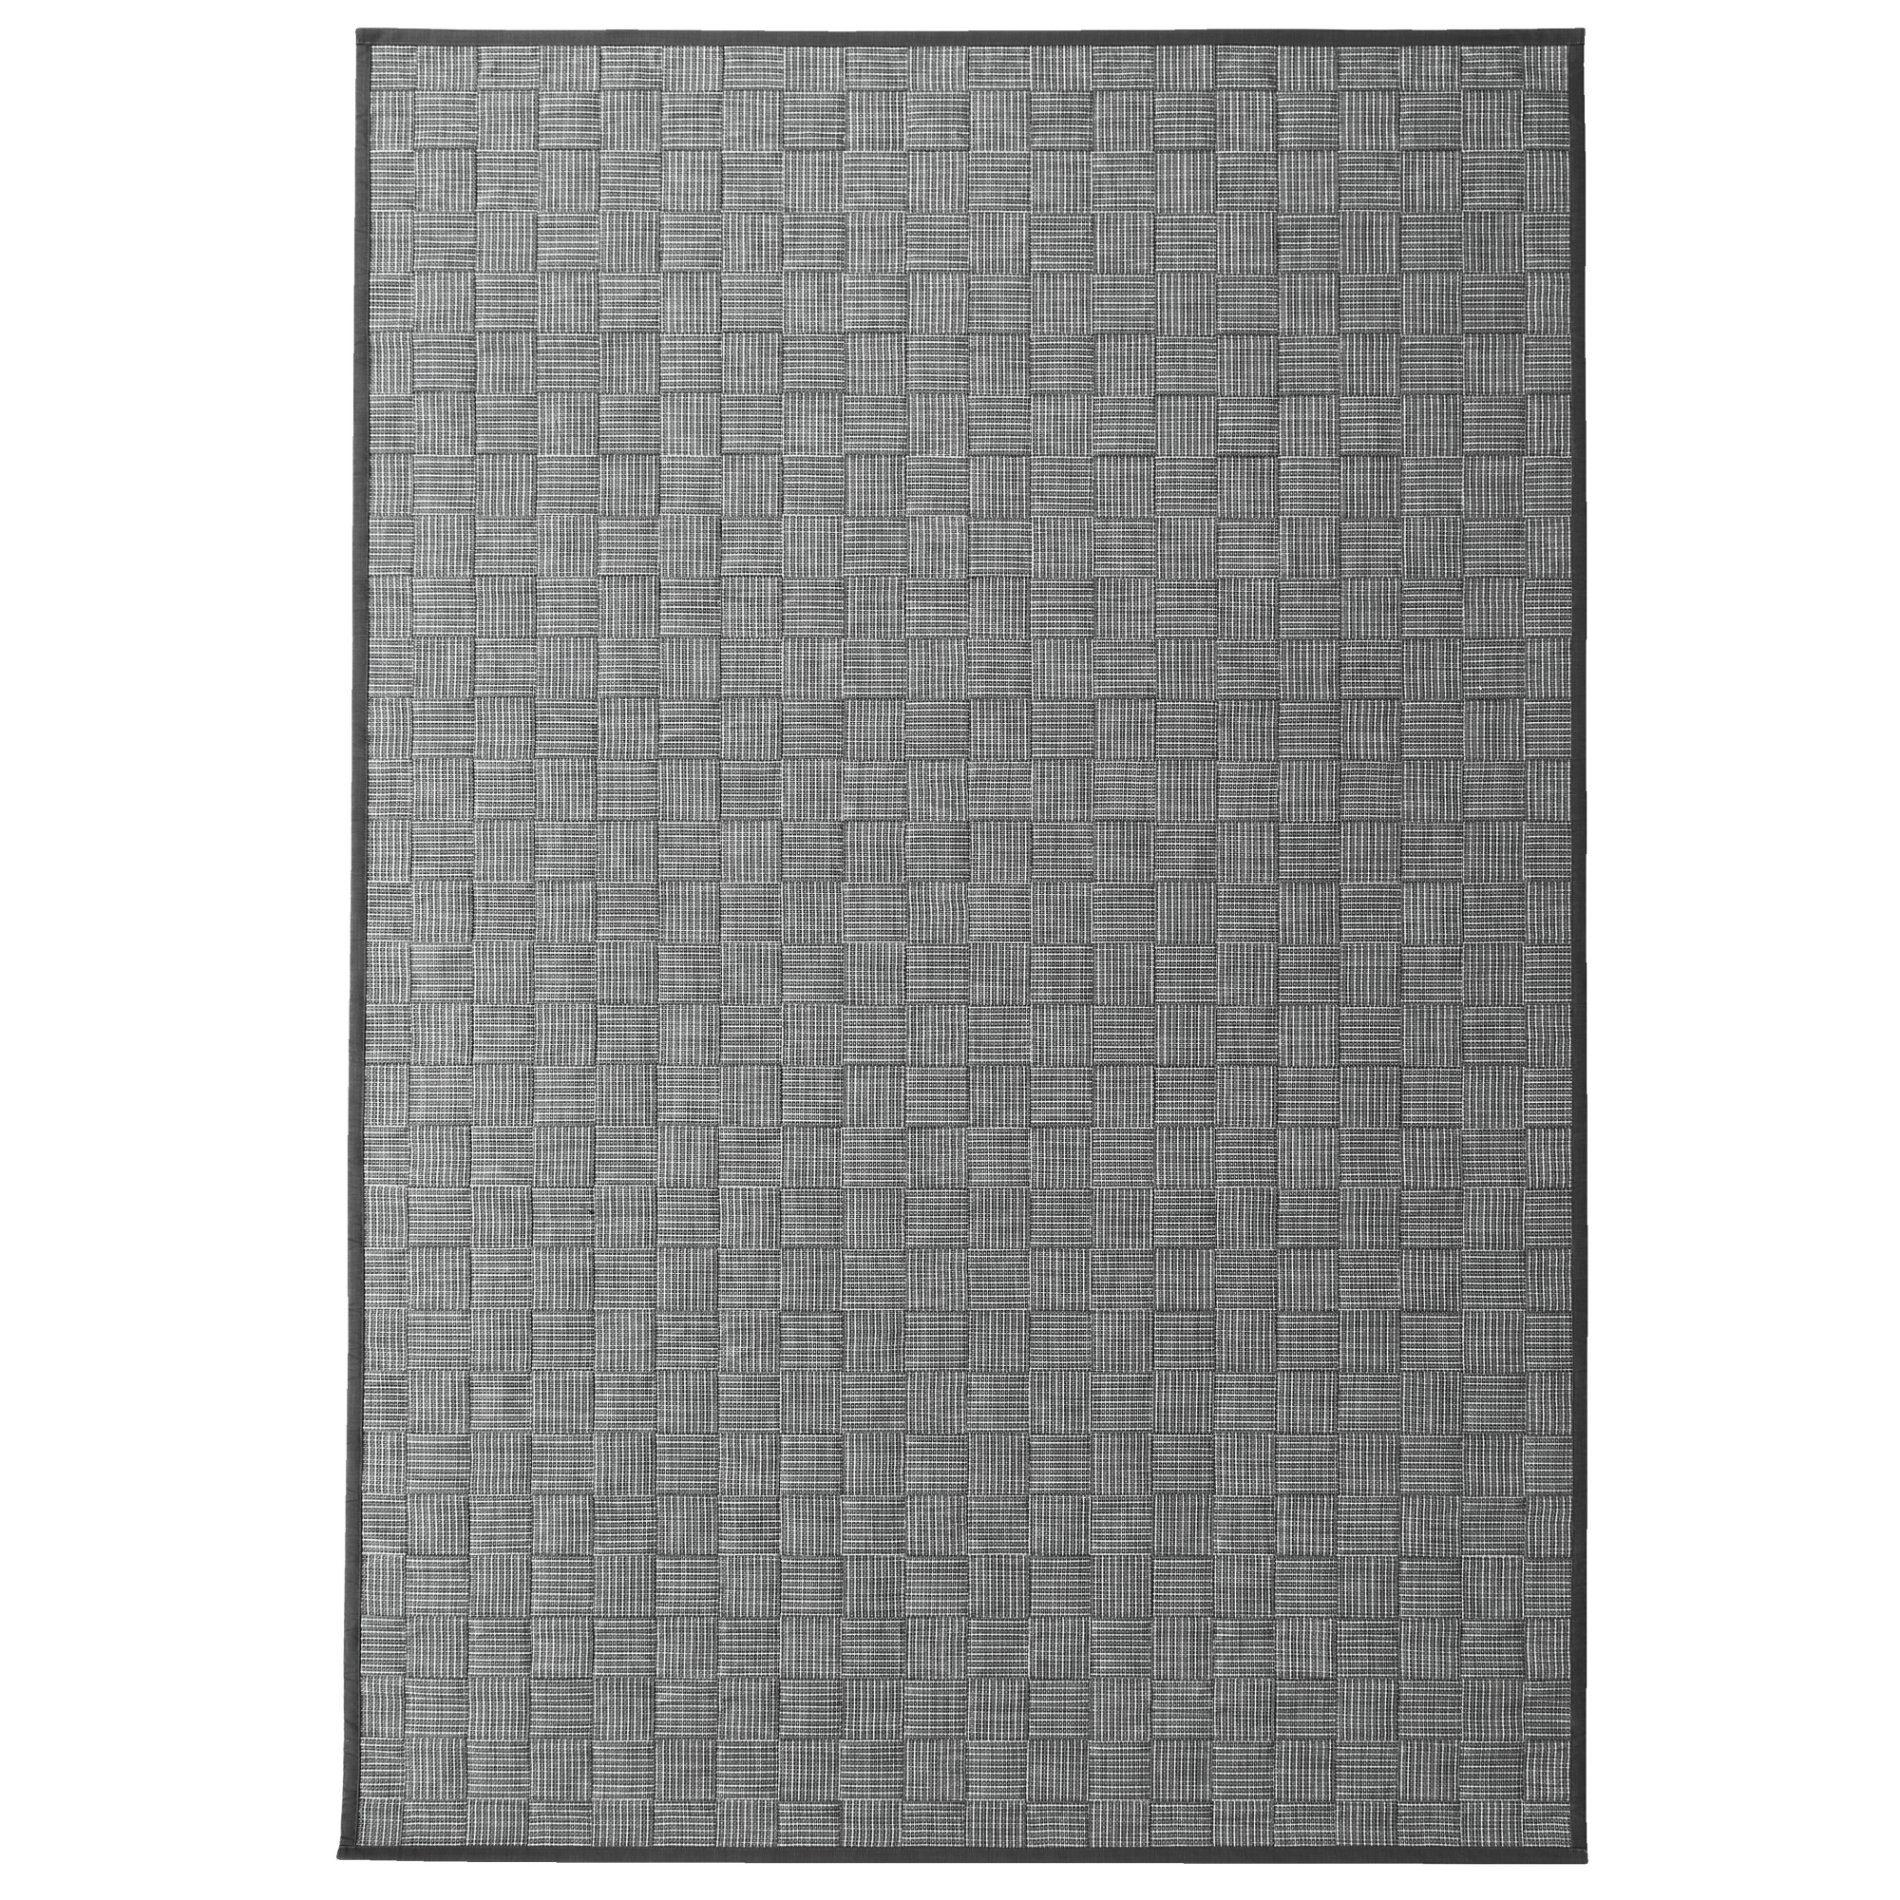 cane line outdoor teppich i am. Black Bedroom Furniture Sets. Home Design Ideas